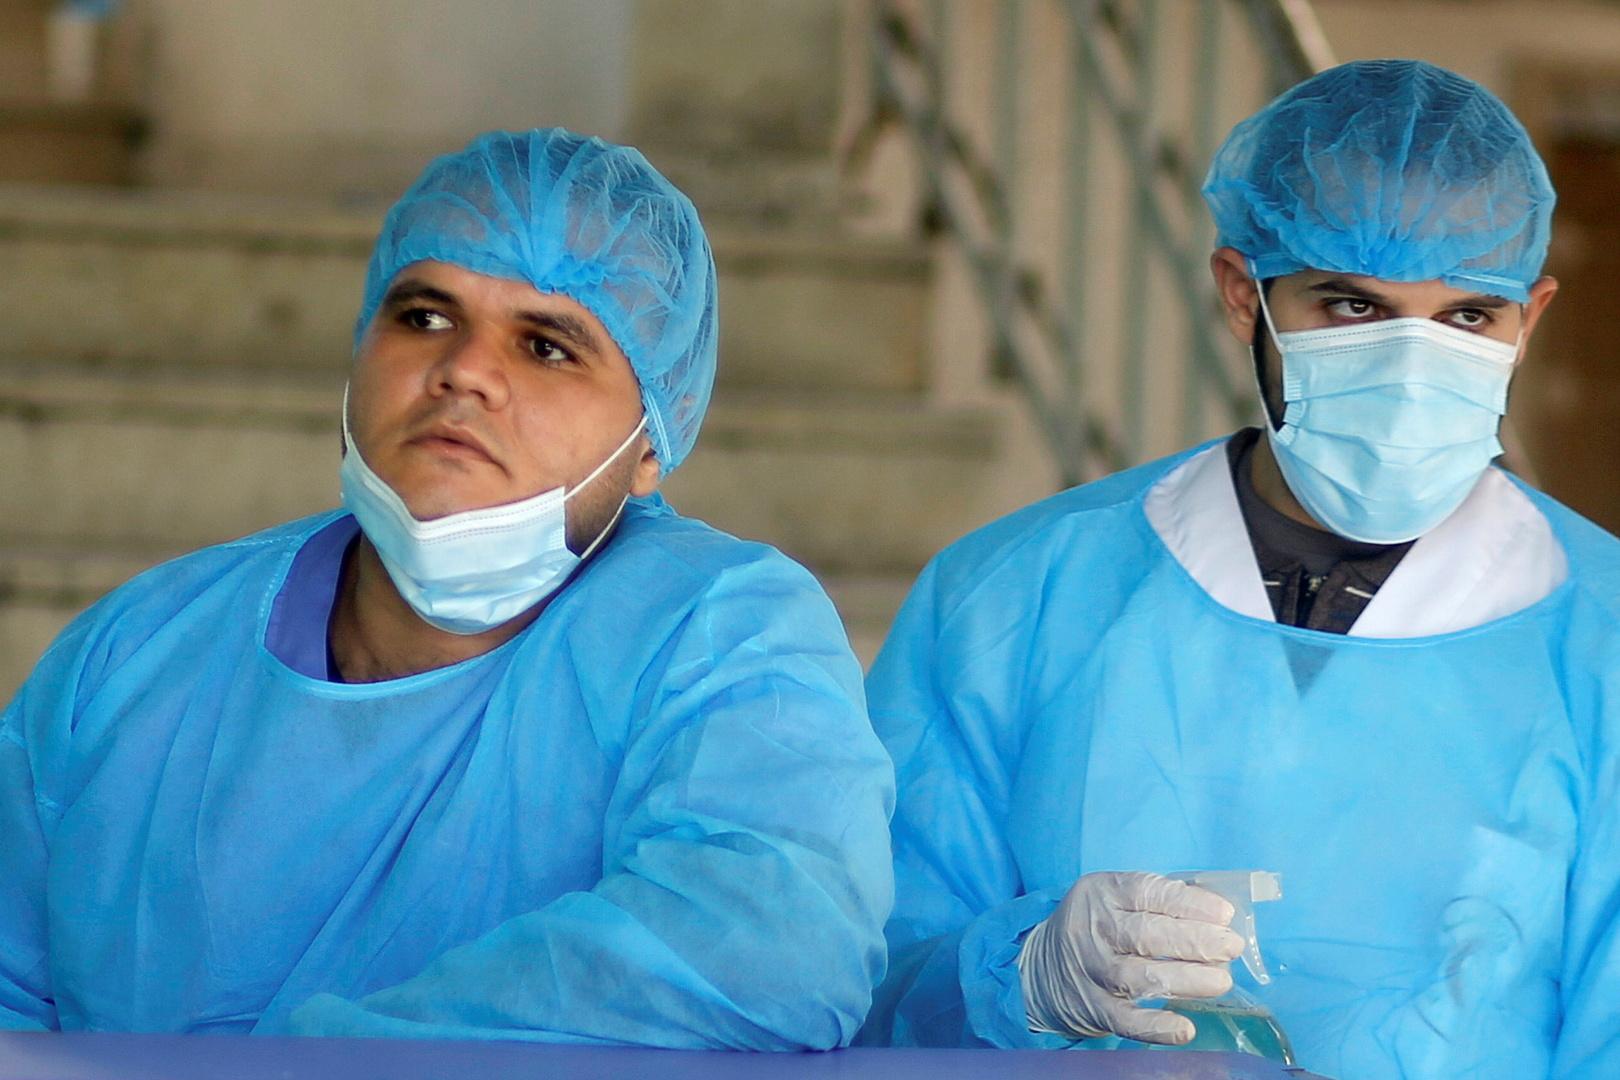 الصحة الفلسطينية: أزمة في أسرة العناية المكثفة في مشافي القطاع العام والخاص